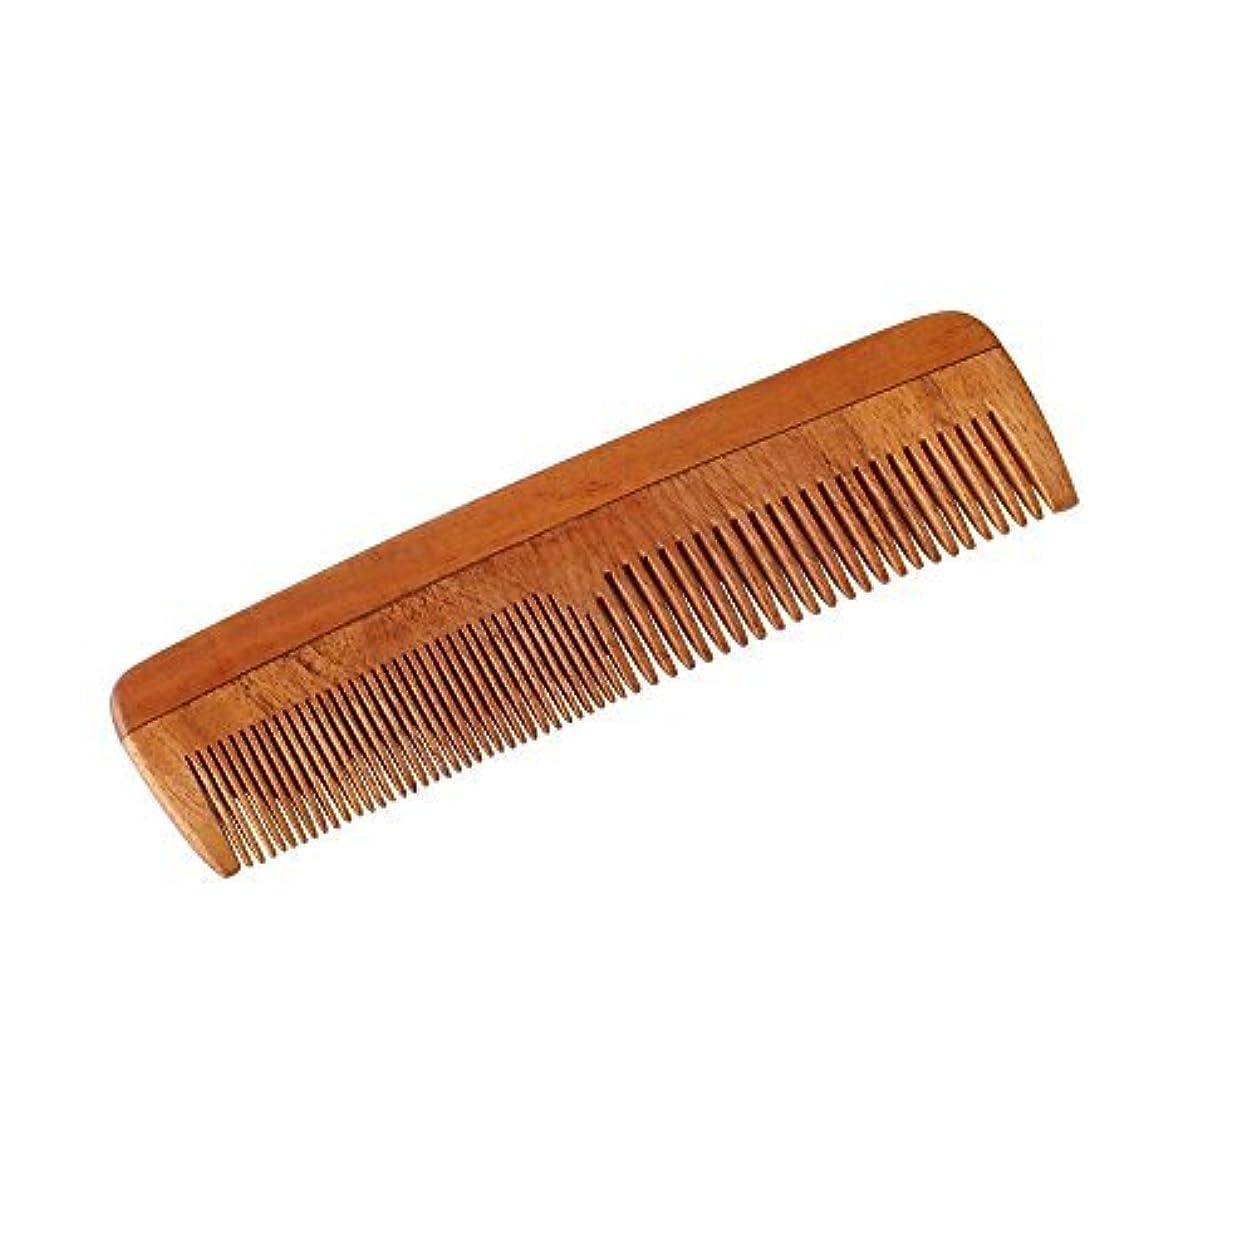 明るくする支店ボランティアHealthAndYoga(TM) Handcrafted Neem Wood Comb - Non-Static and Eco-Friendly- Great for Scalp and Hair Health -7